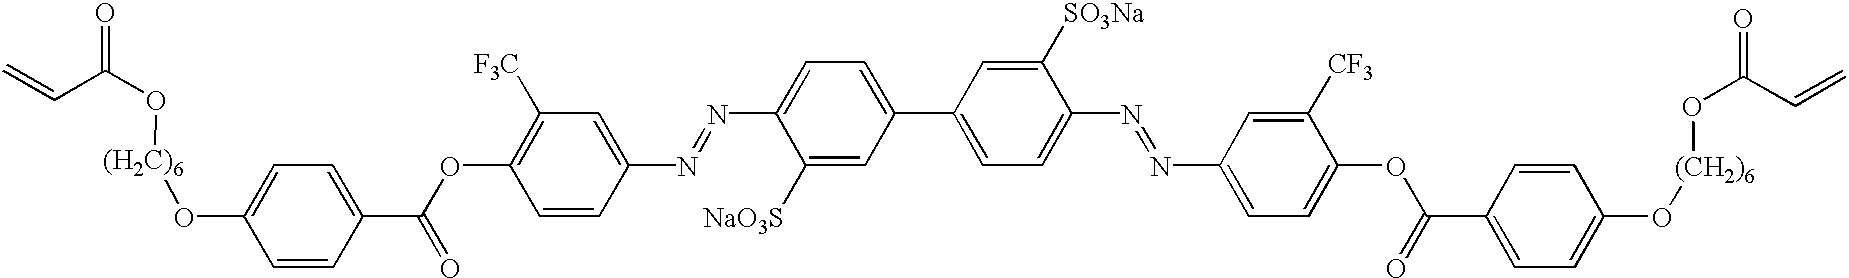 Figure US20020098295A1-20020725-C00008